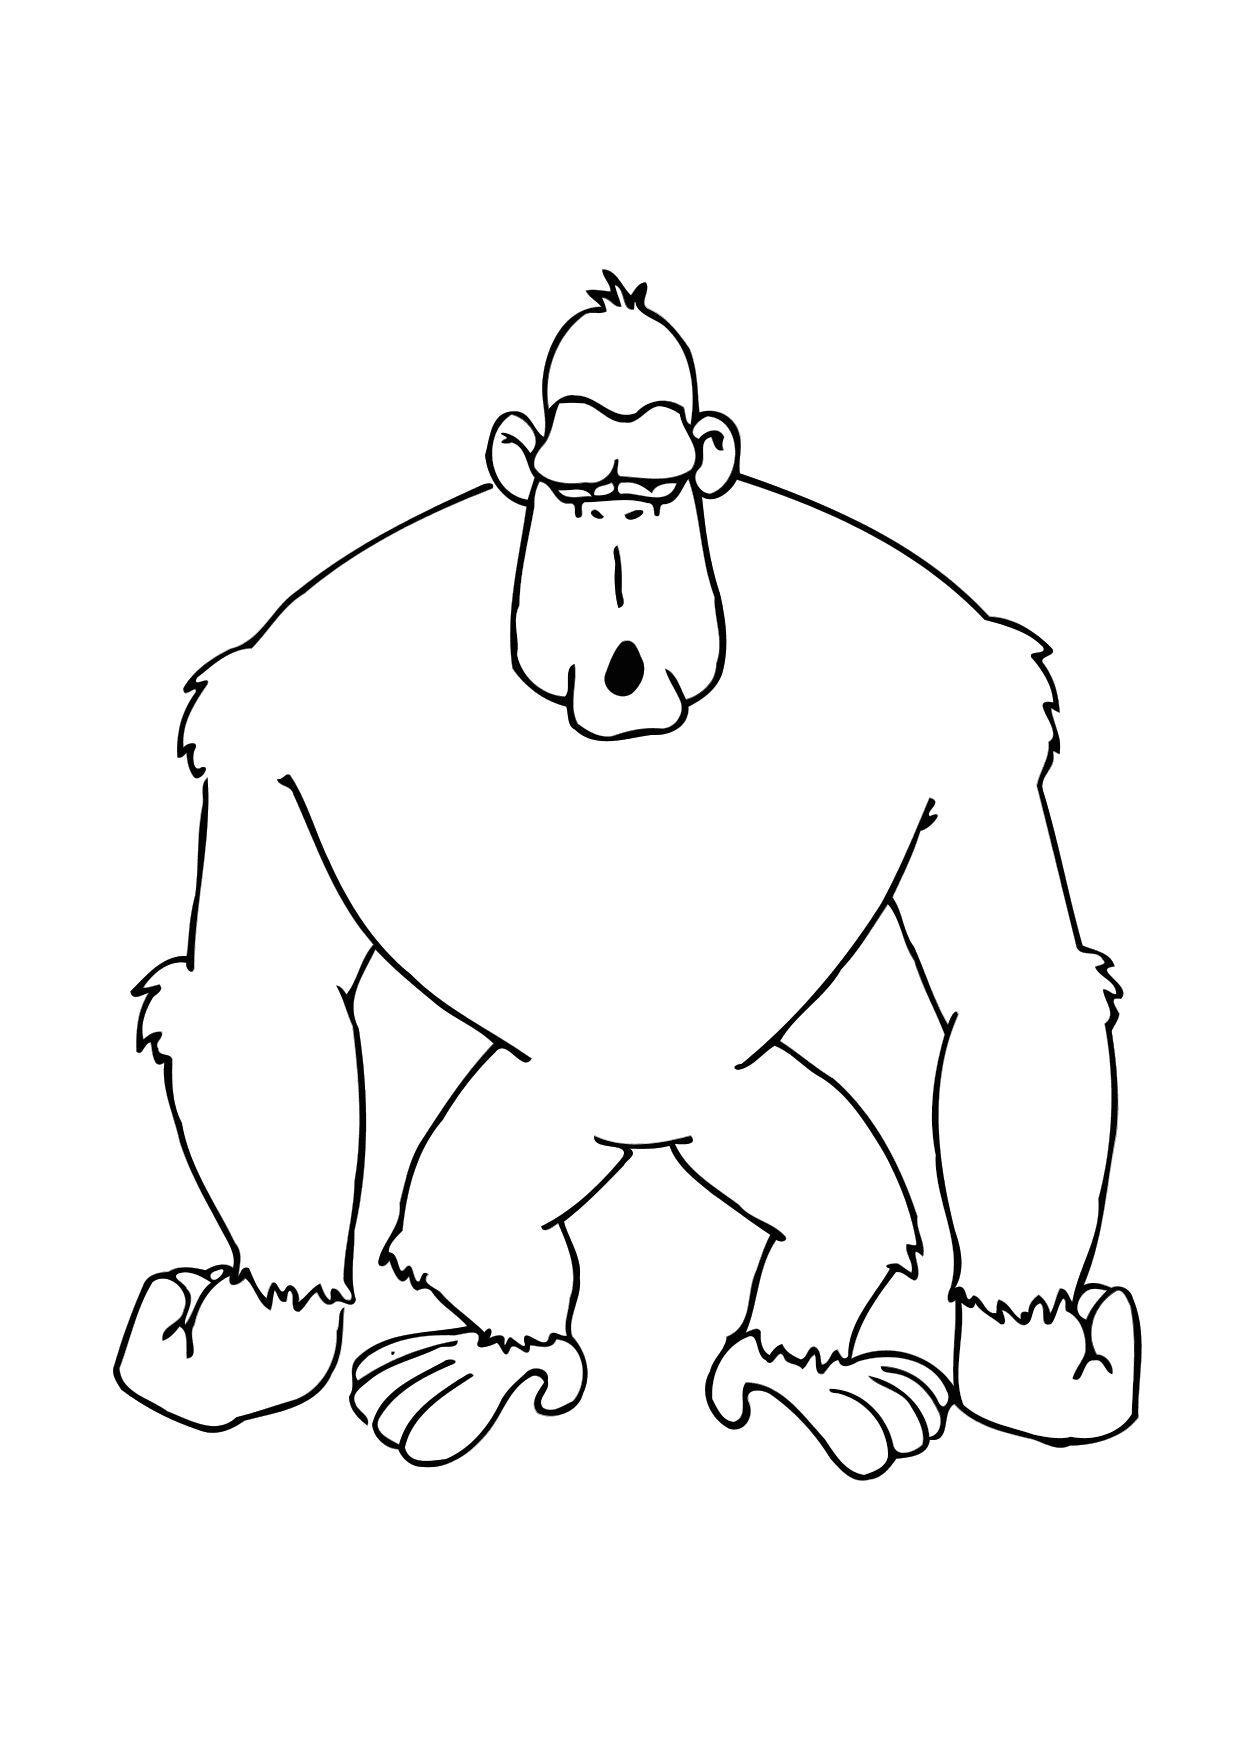 Dibujo para colorear Gorila - Img 11615